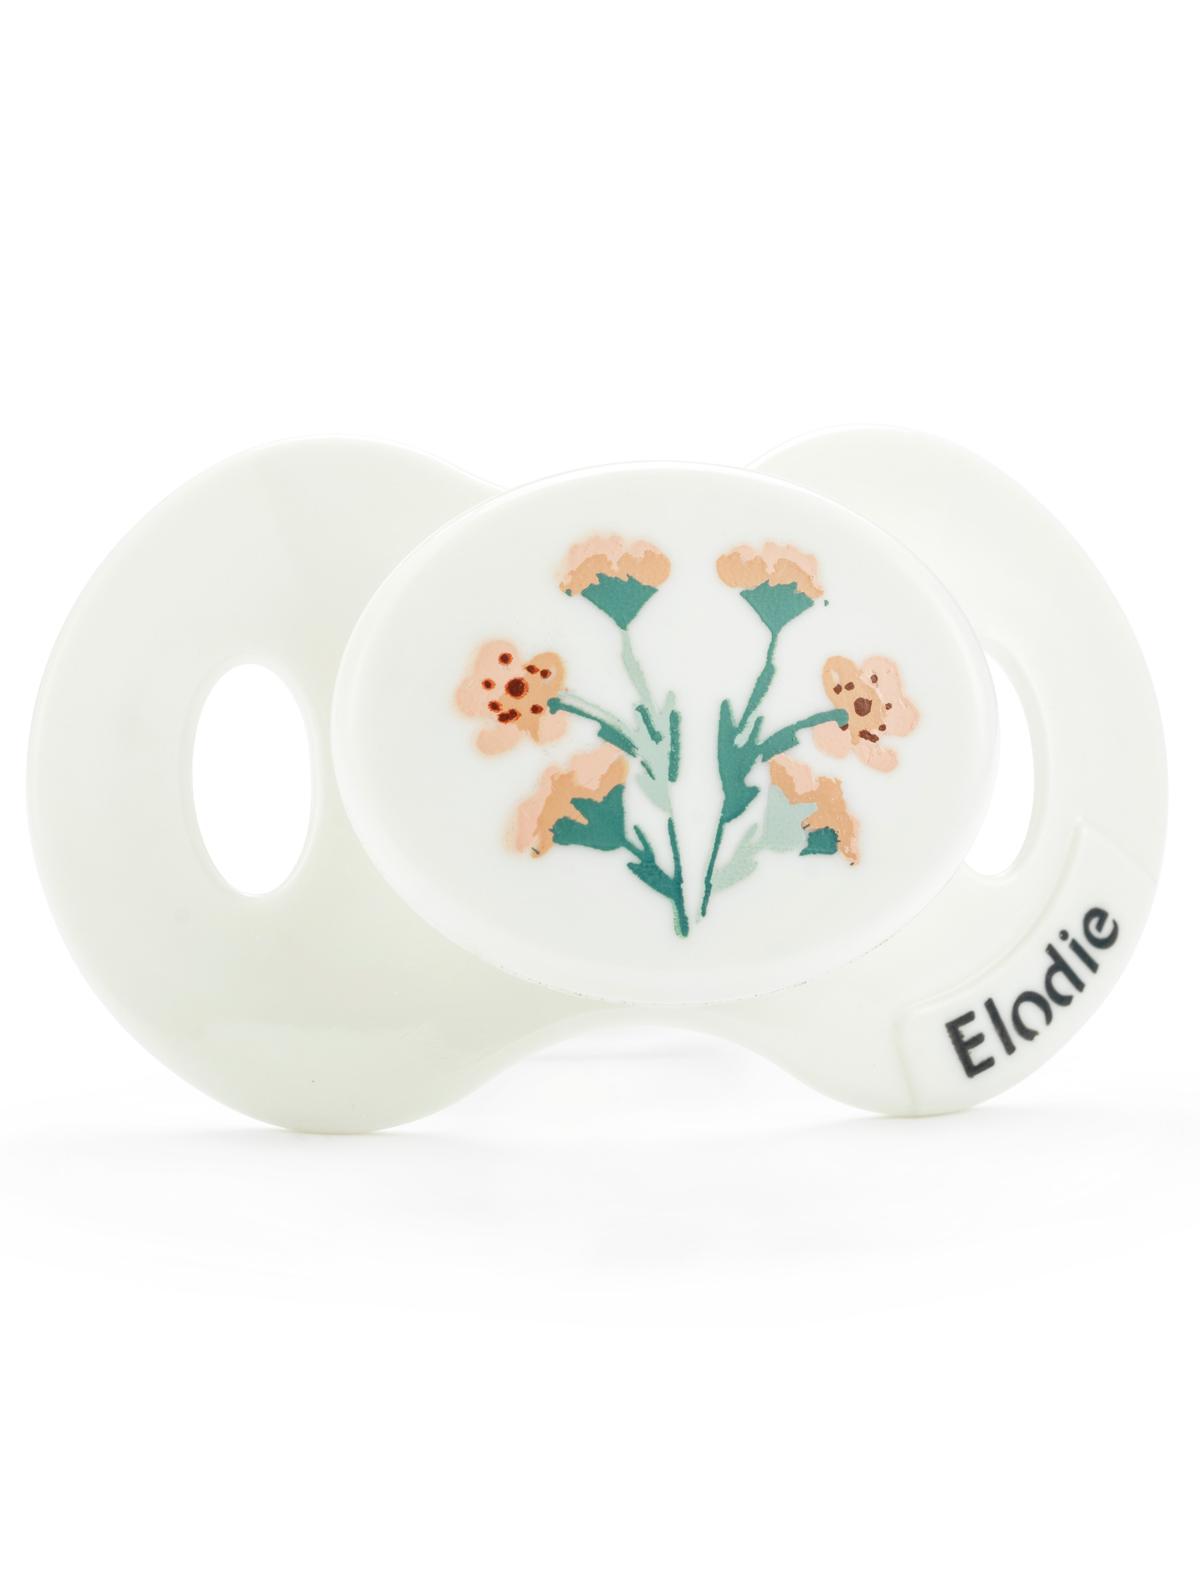 Купить 2281026, Соска Elodie, белый, 5104528170148